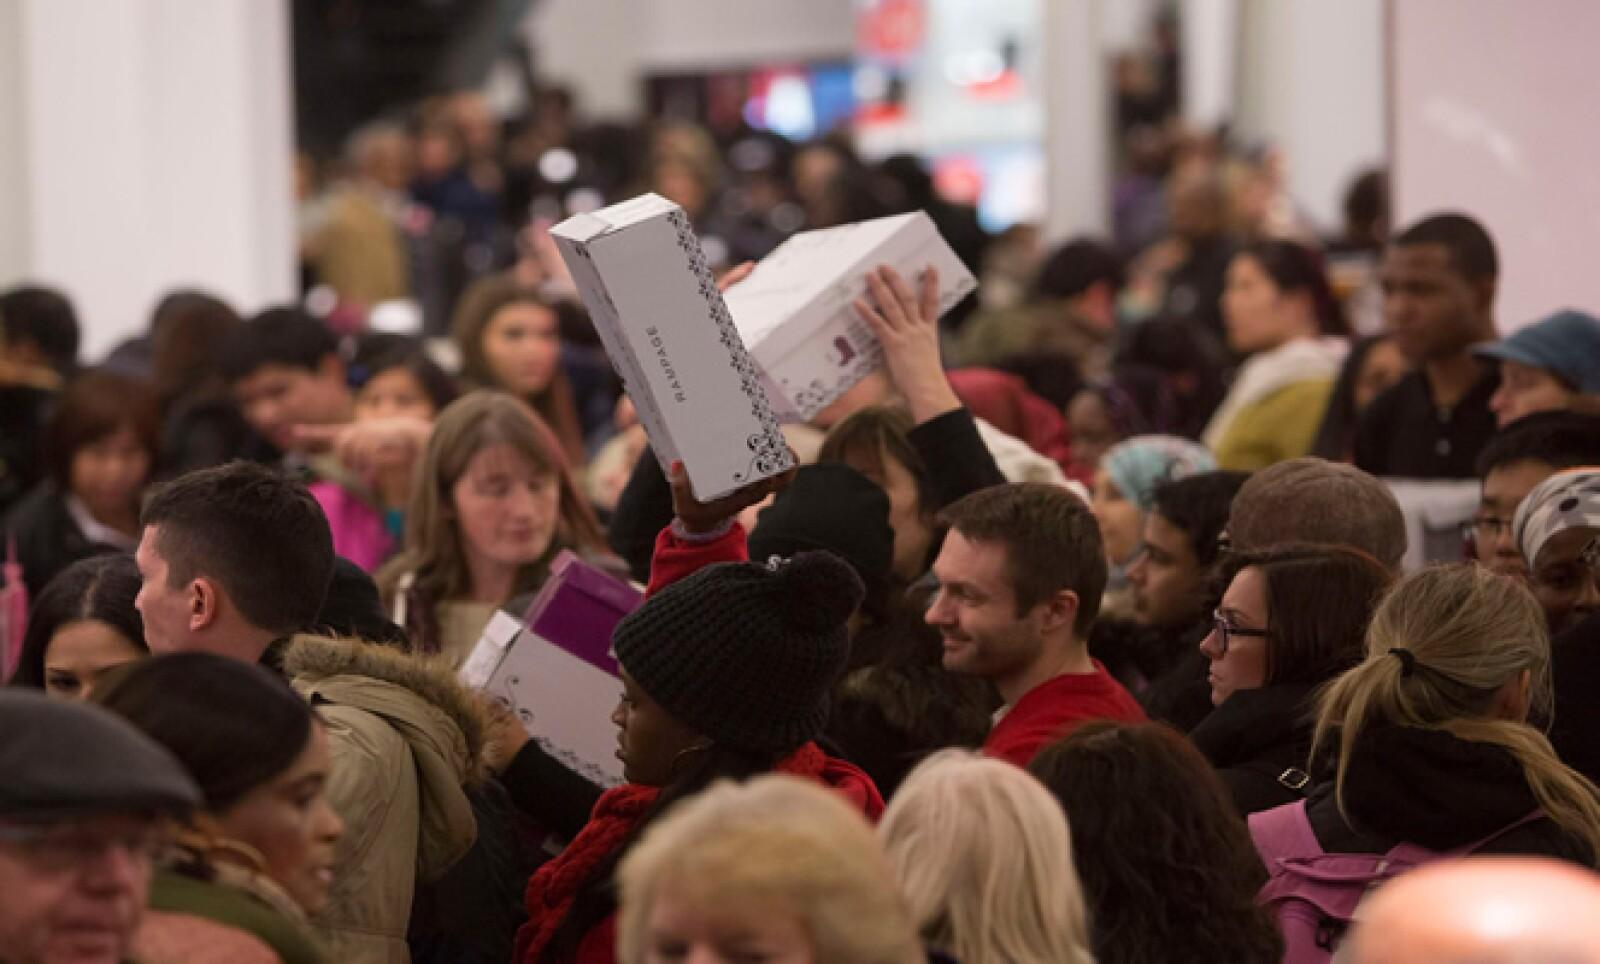 La NFR estima que unos 140.1 millones de personas realizarán compras este jueves, viernes, sábado o domingo. De esos, el 18.3% planeaba iniciar sus compras desde este jueves.